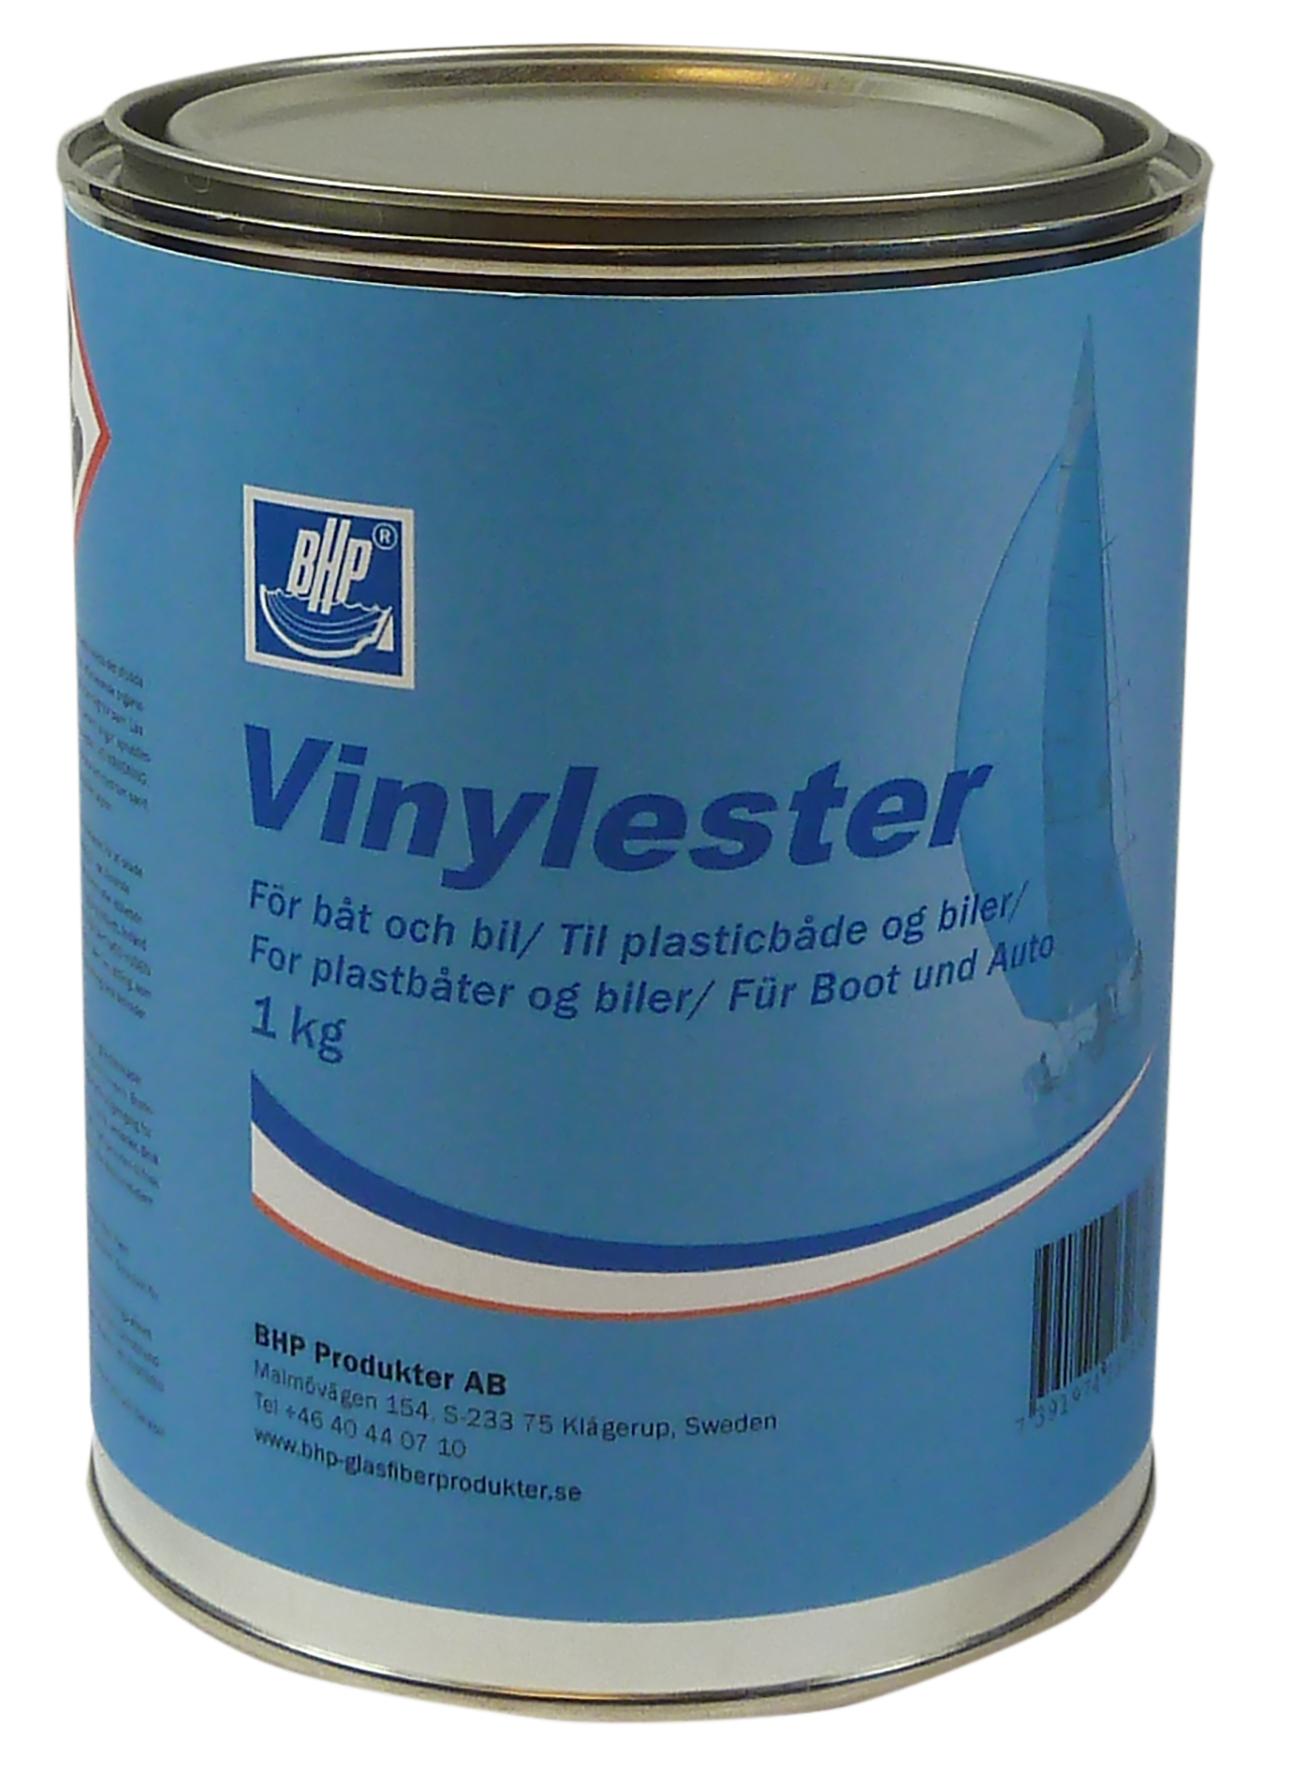 #vinylester 5 kg exkl härdare